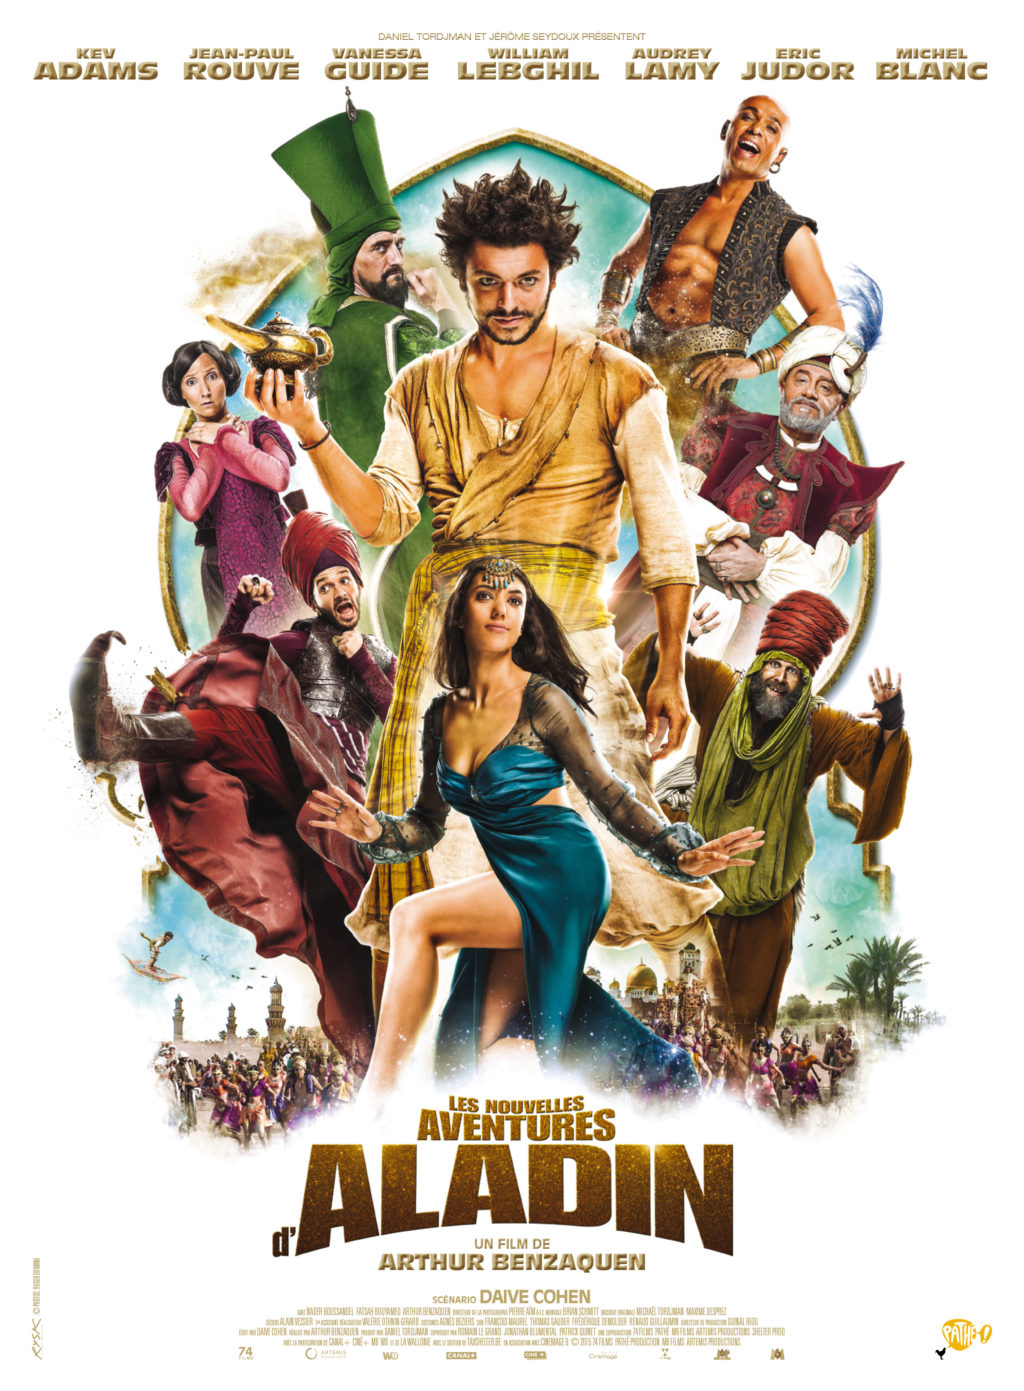 les-nouvelles-aventures-d-aladin-affiche-559e518cd4b41